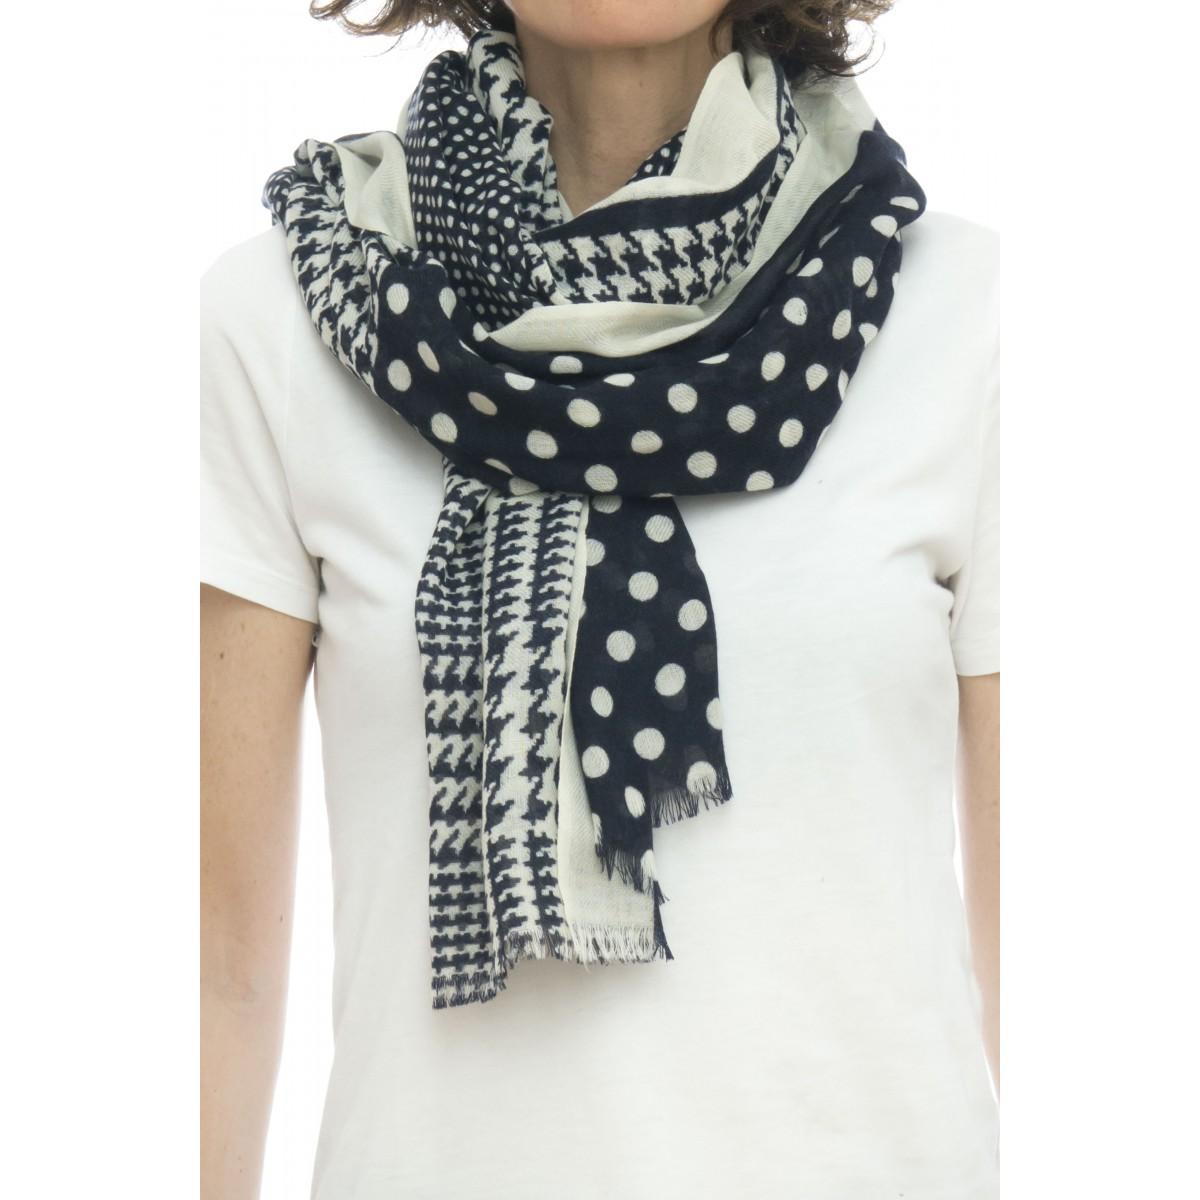 Sciarpa - Rosa 4535  100% lana ,  70 x 180